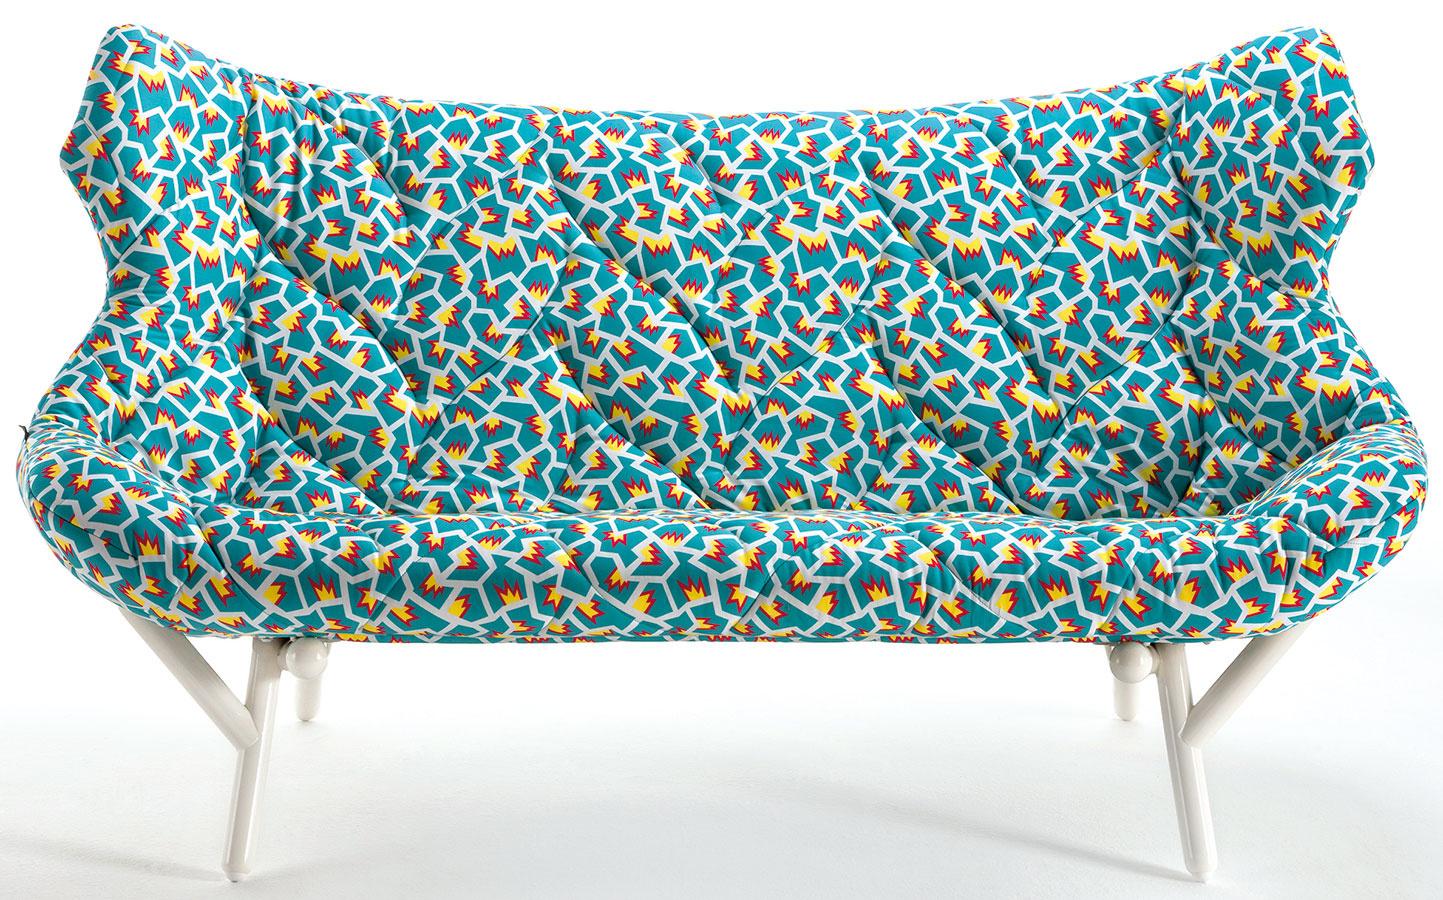 Postmoderné vzory čalúnenia navrhla pre Kartell Nathalie du Pasquier. Dizajnér Ettore Sottsass (zakladateľ Memphisu) oživil kolekciu stolčekov a váz – návrh vznikol už pred rokmi, sofistikovanej technológie a produkcie sa kolekcia dočkala až dnes.